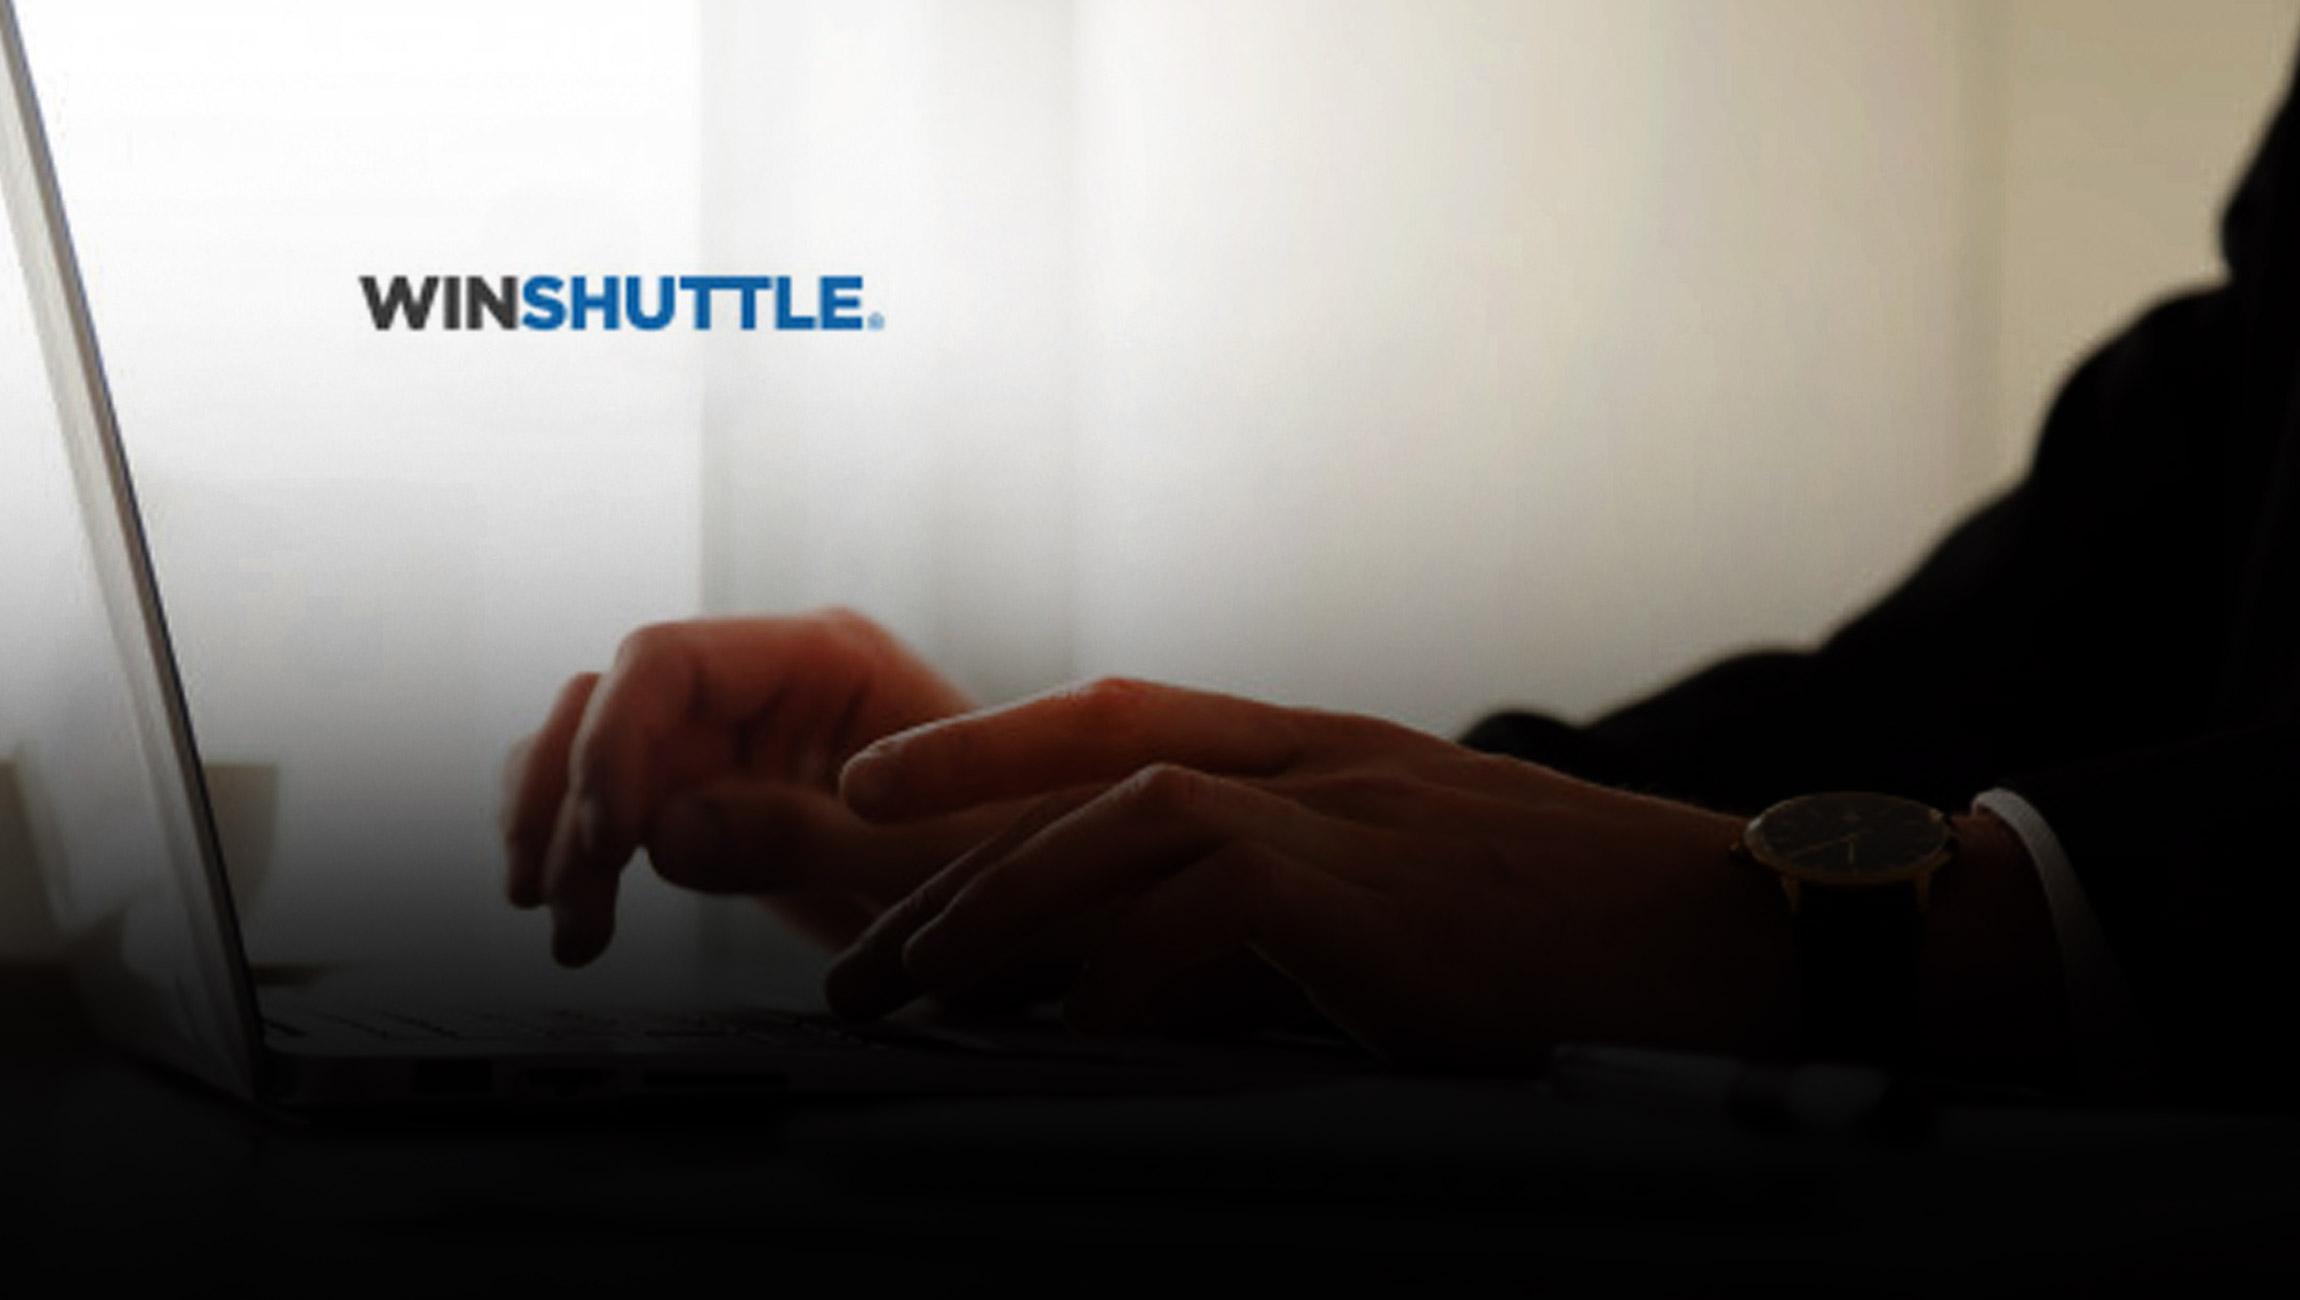 Winshuttle EnterWorks Recognized in the 2021 Gartner Magic Quadrant for Master Data Management Solutions